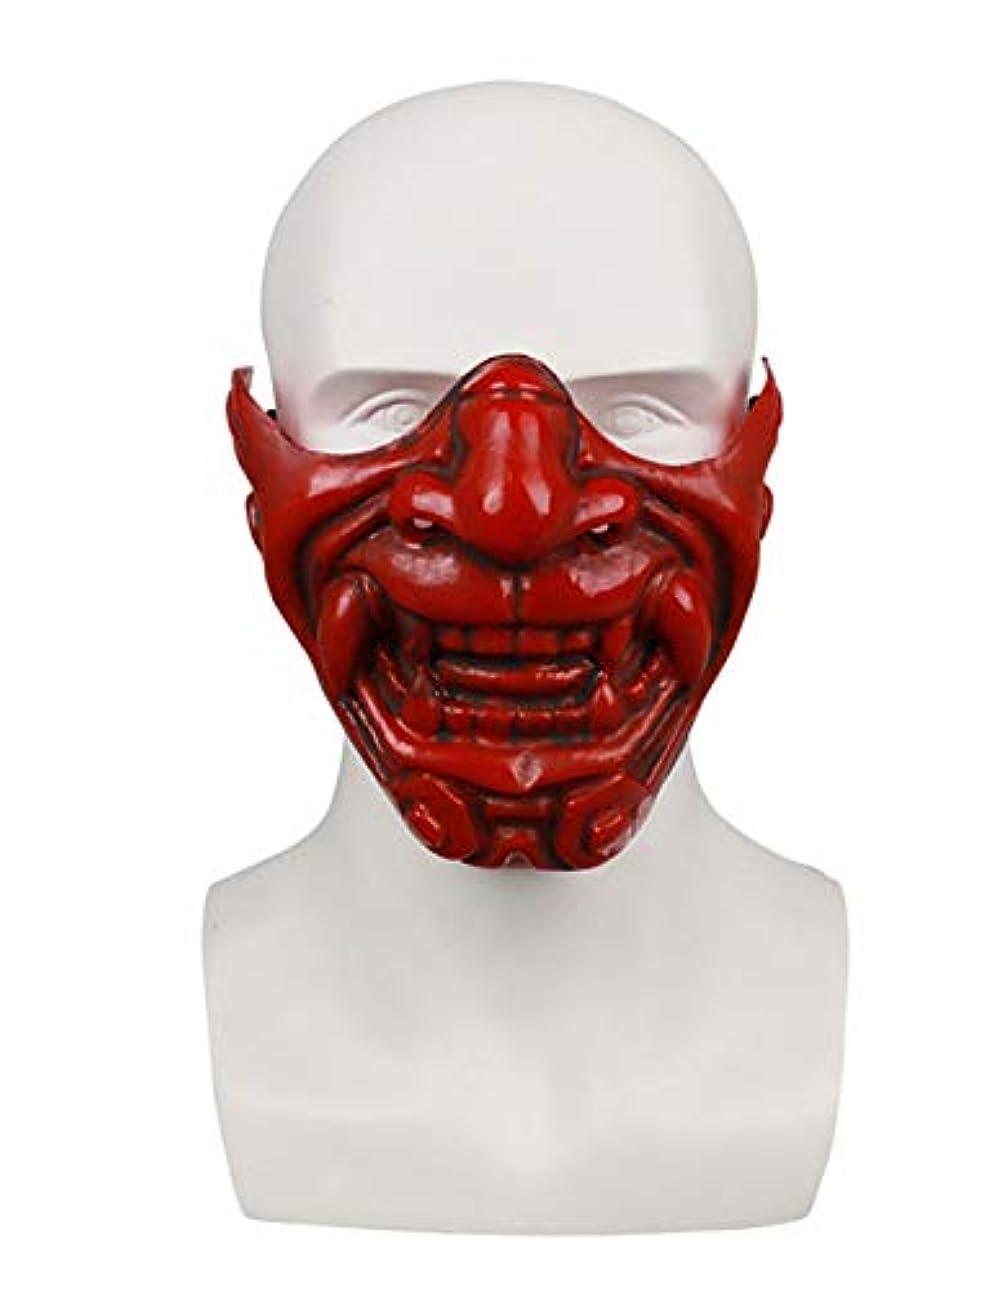 メディア生理呪いハロウィーンハーフフェイスマスクホラーデビルマスク映画の小道具仮装マスク (Color : RED)